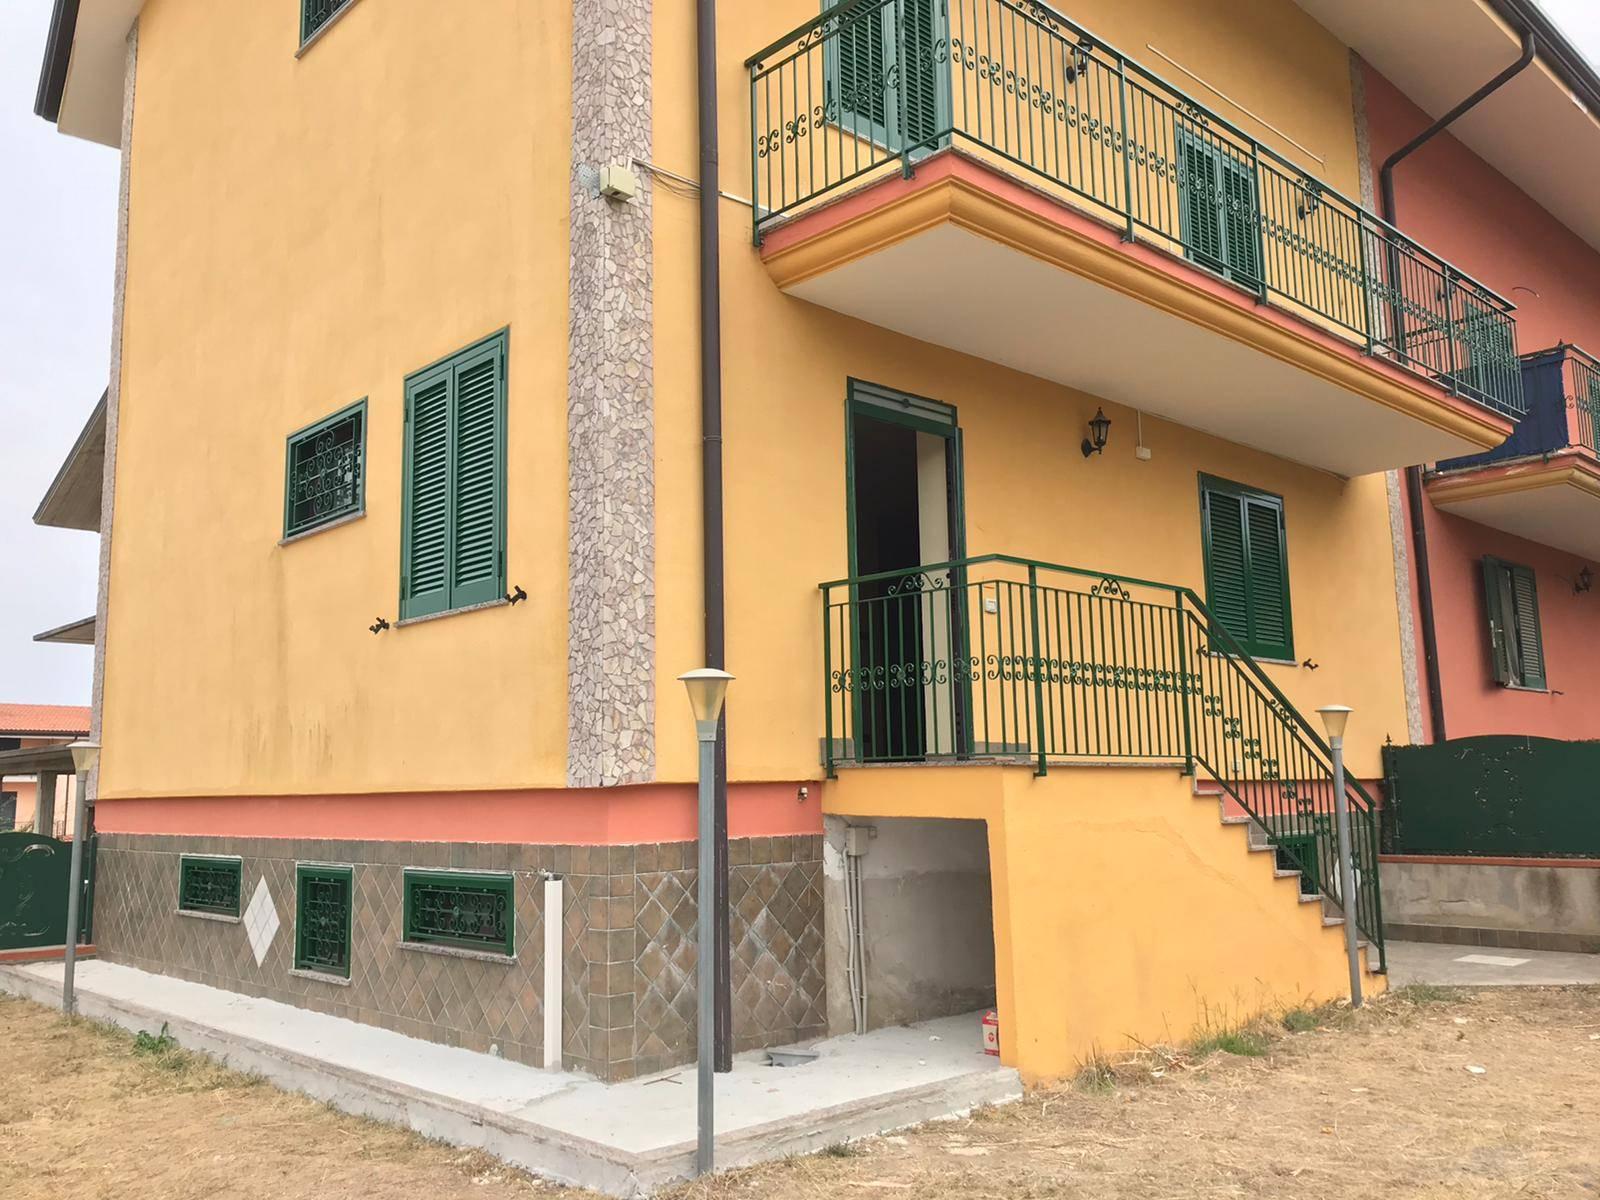 VILLETTA in Affitto a San Nicola Manfredi (BENEVENTO)